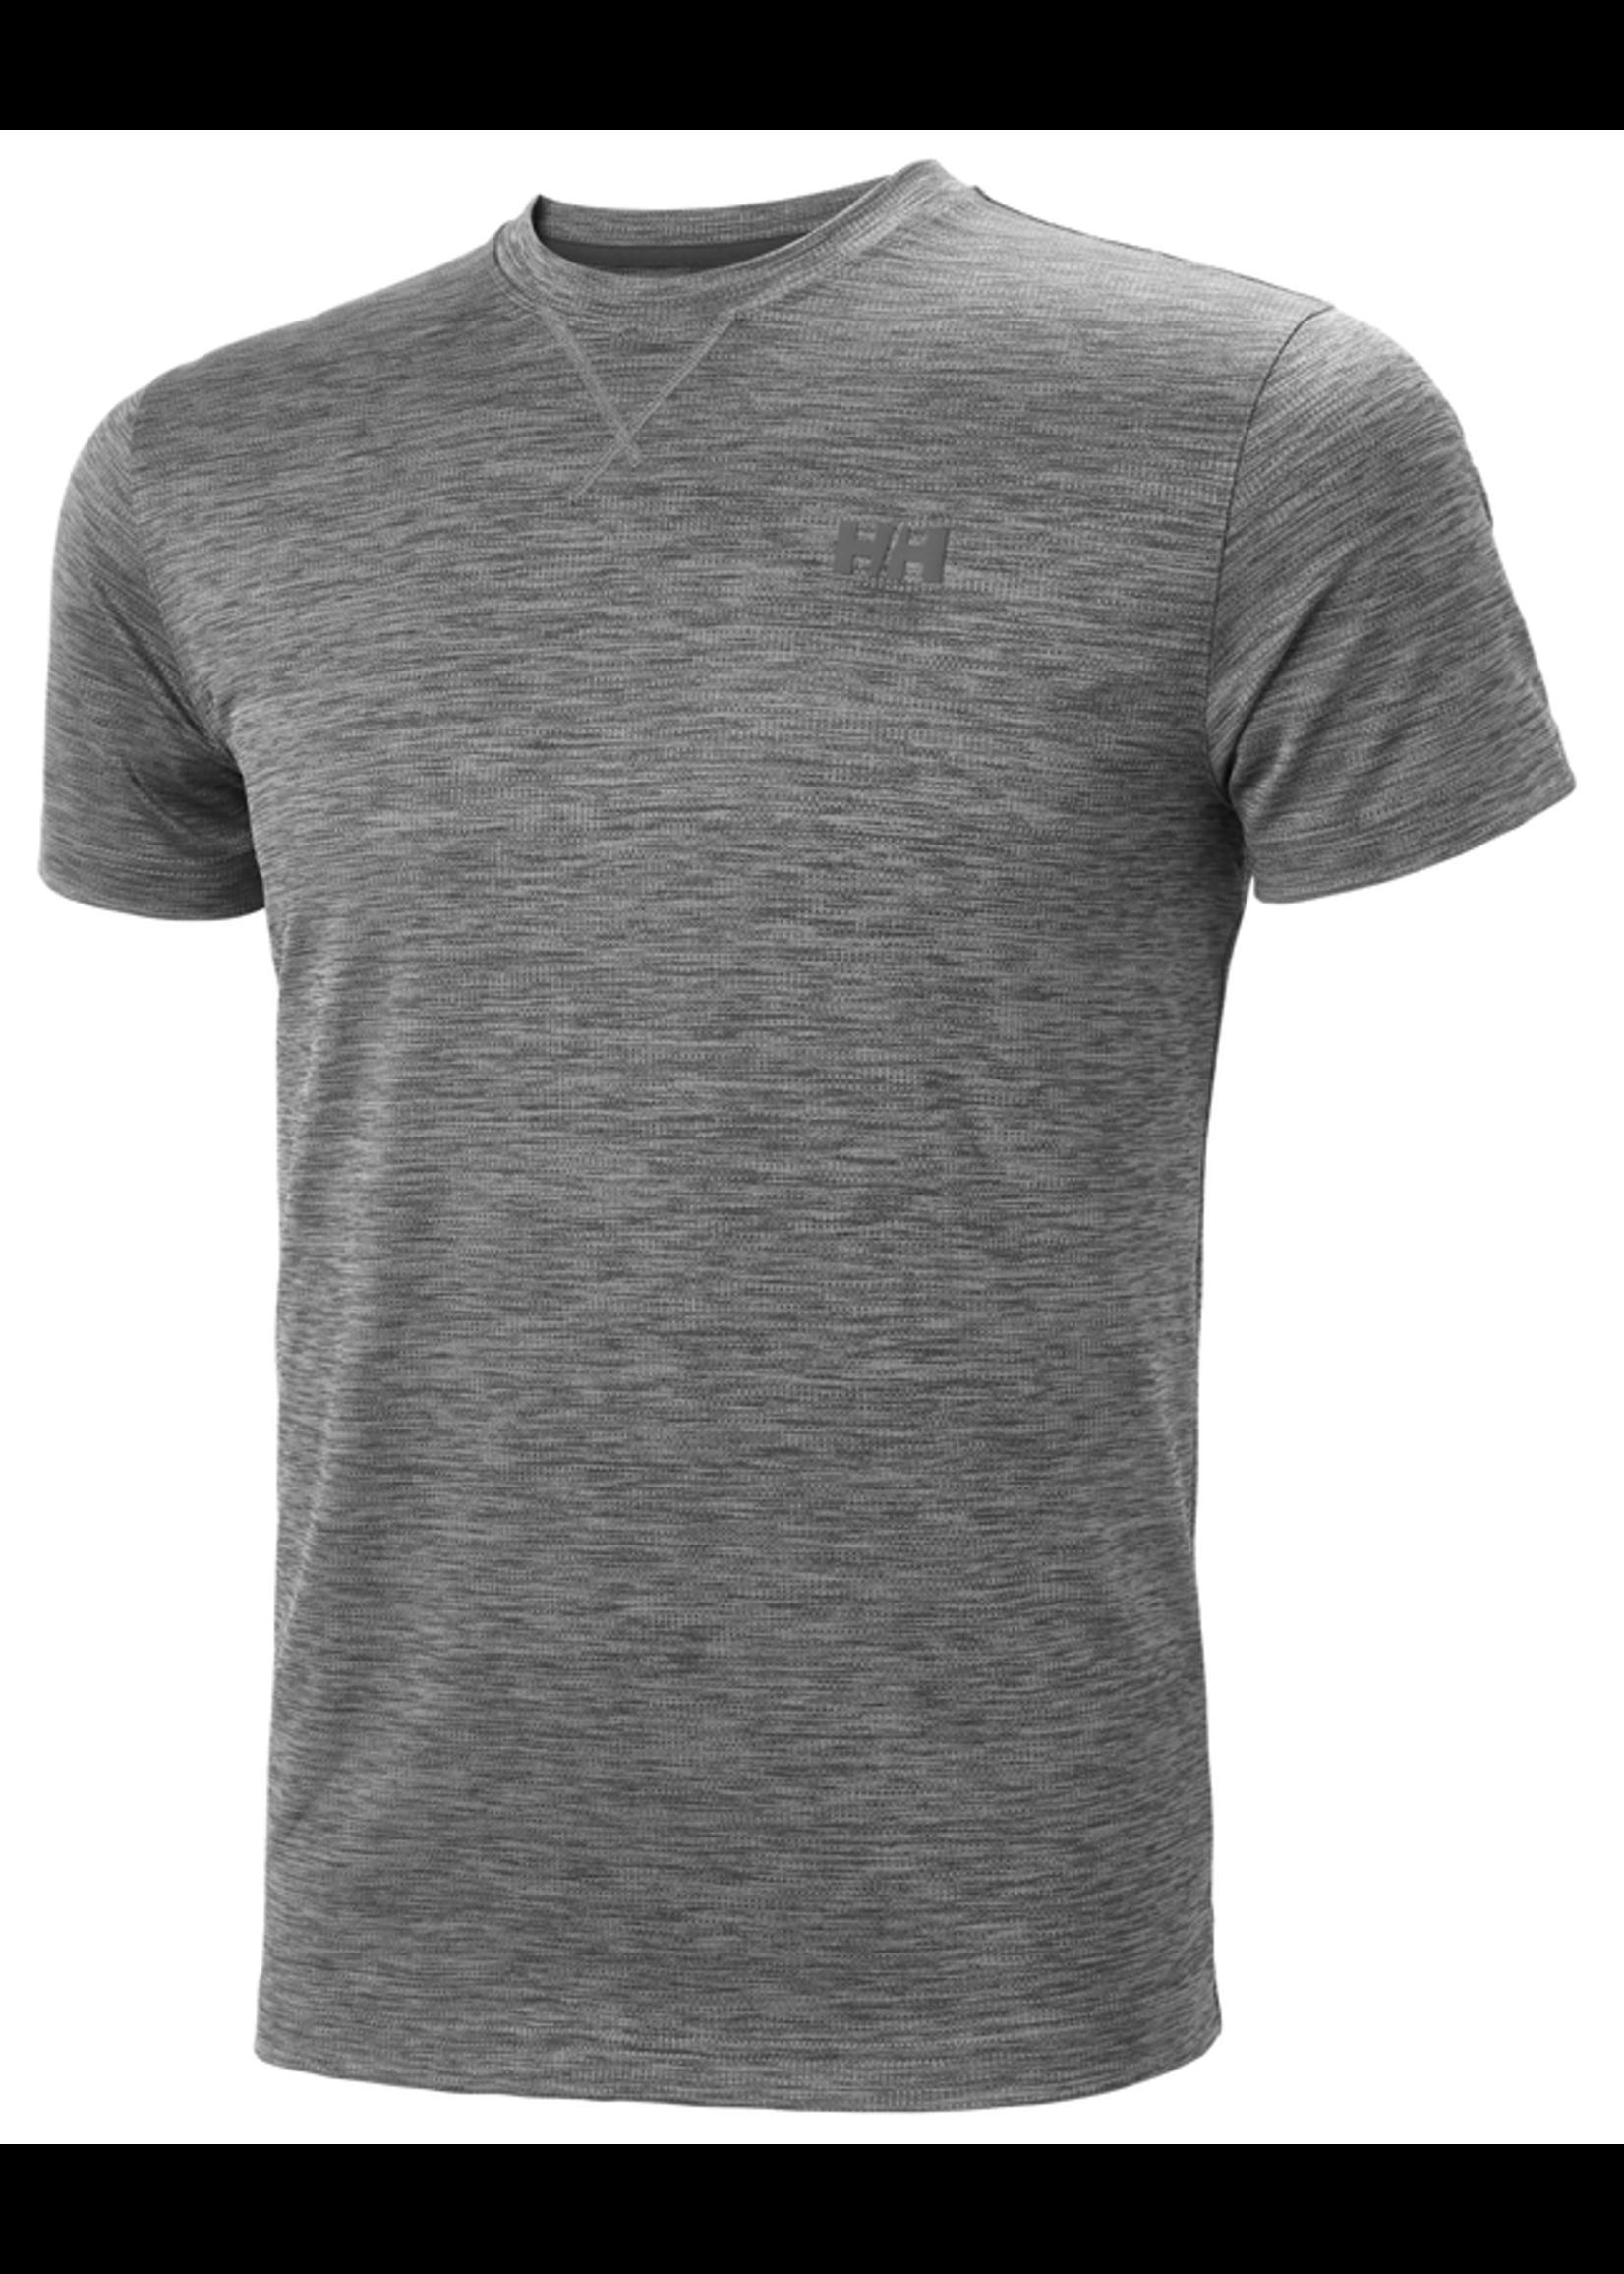 HELLY HANSEN T-shirt Verglas Go